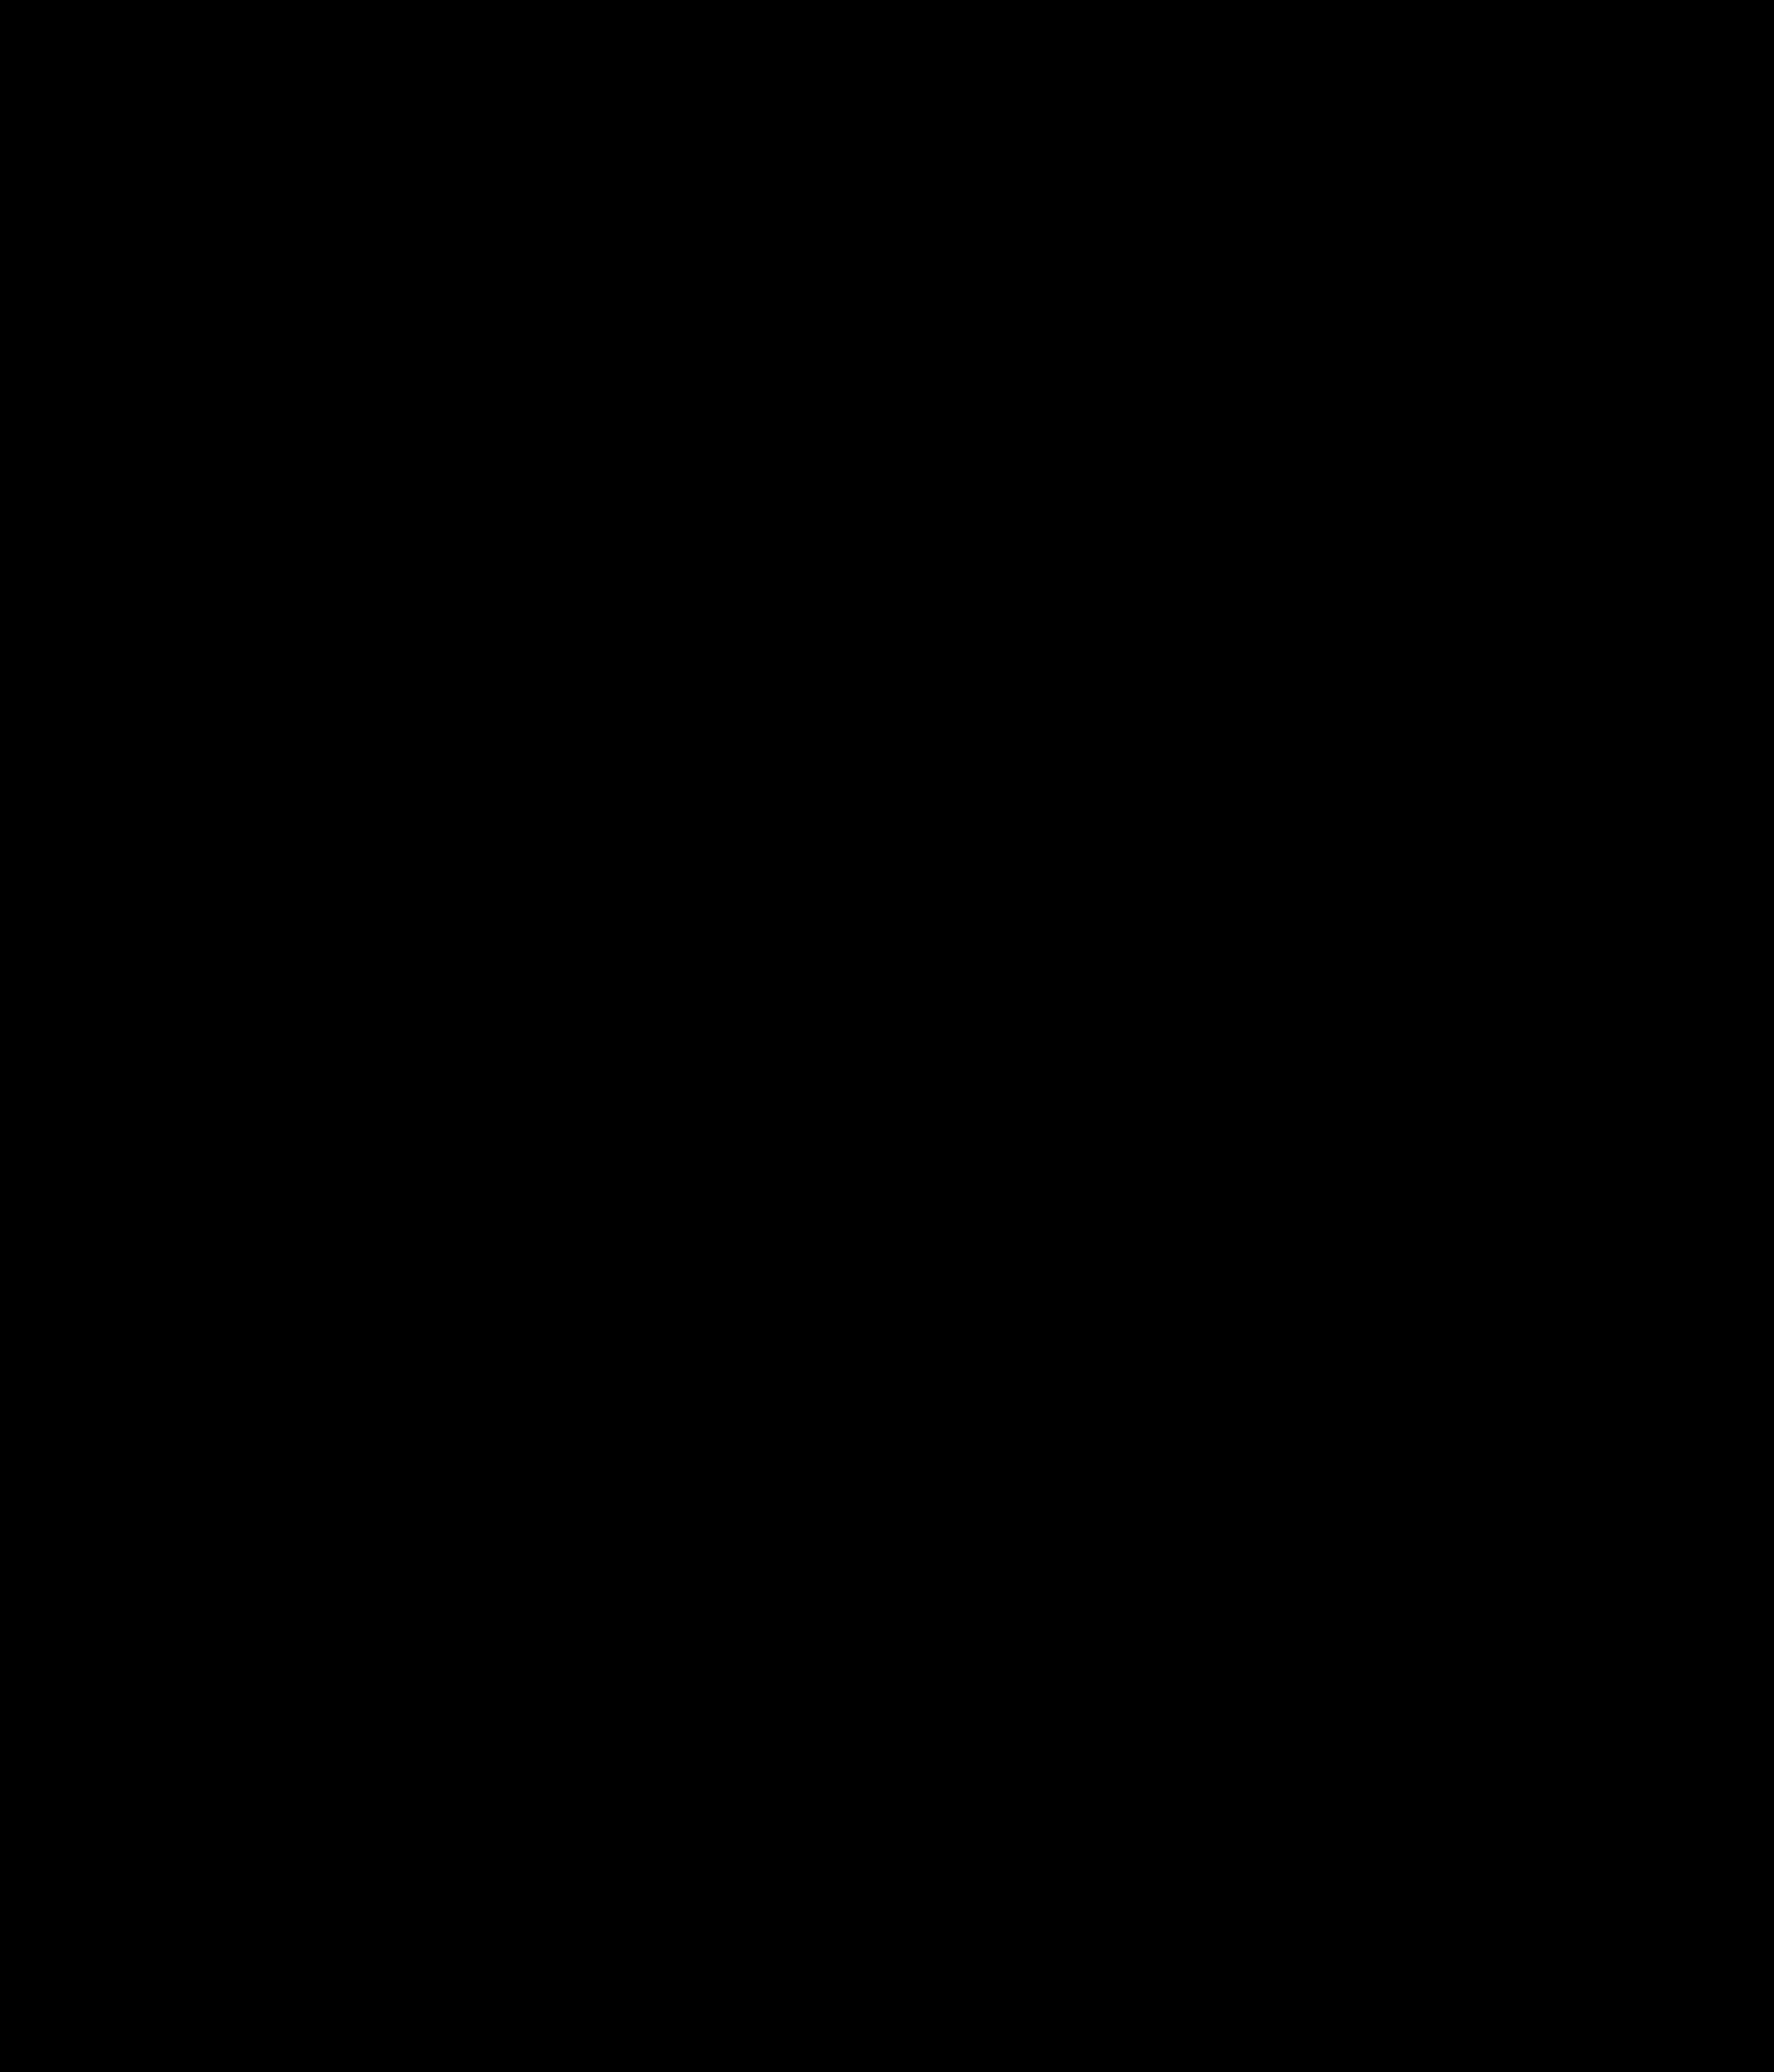 Clipart elephant outline. Clipartblack com animal free